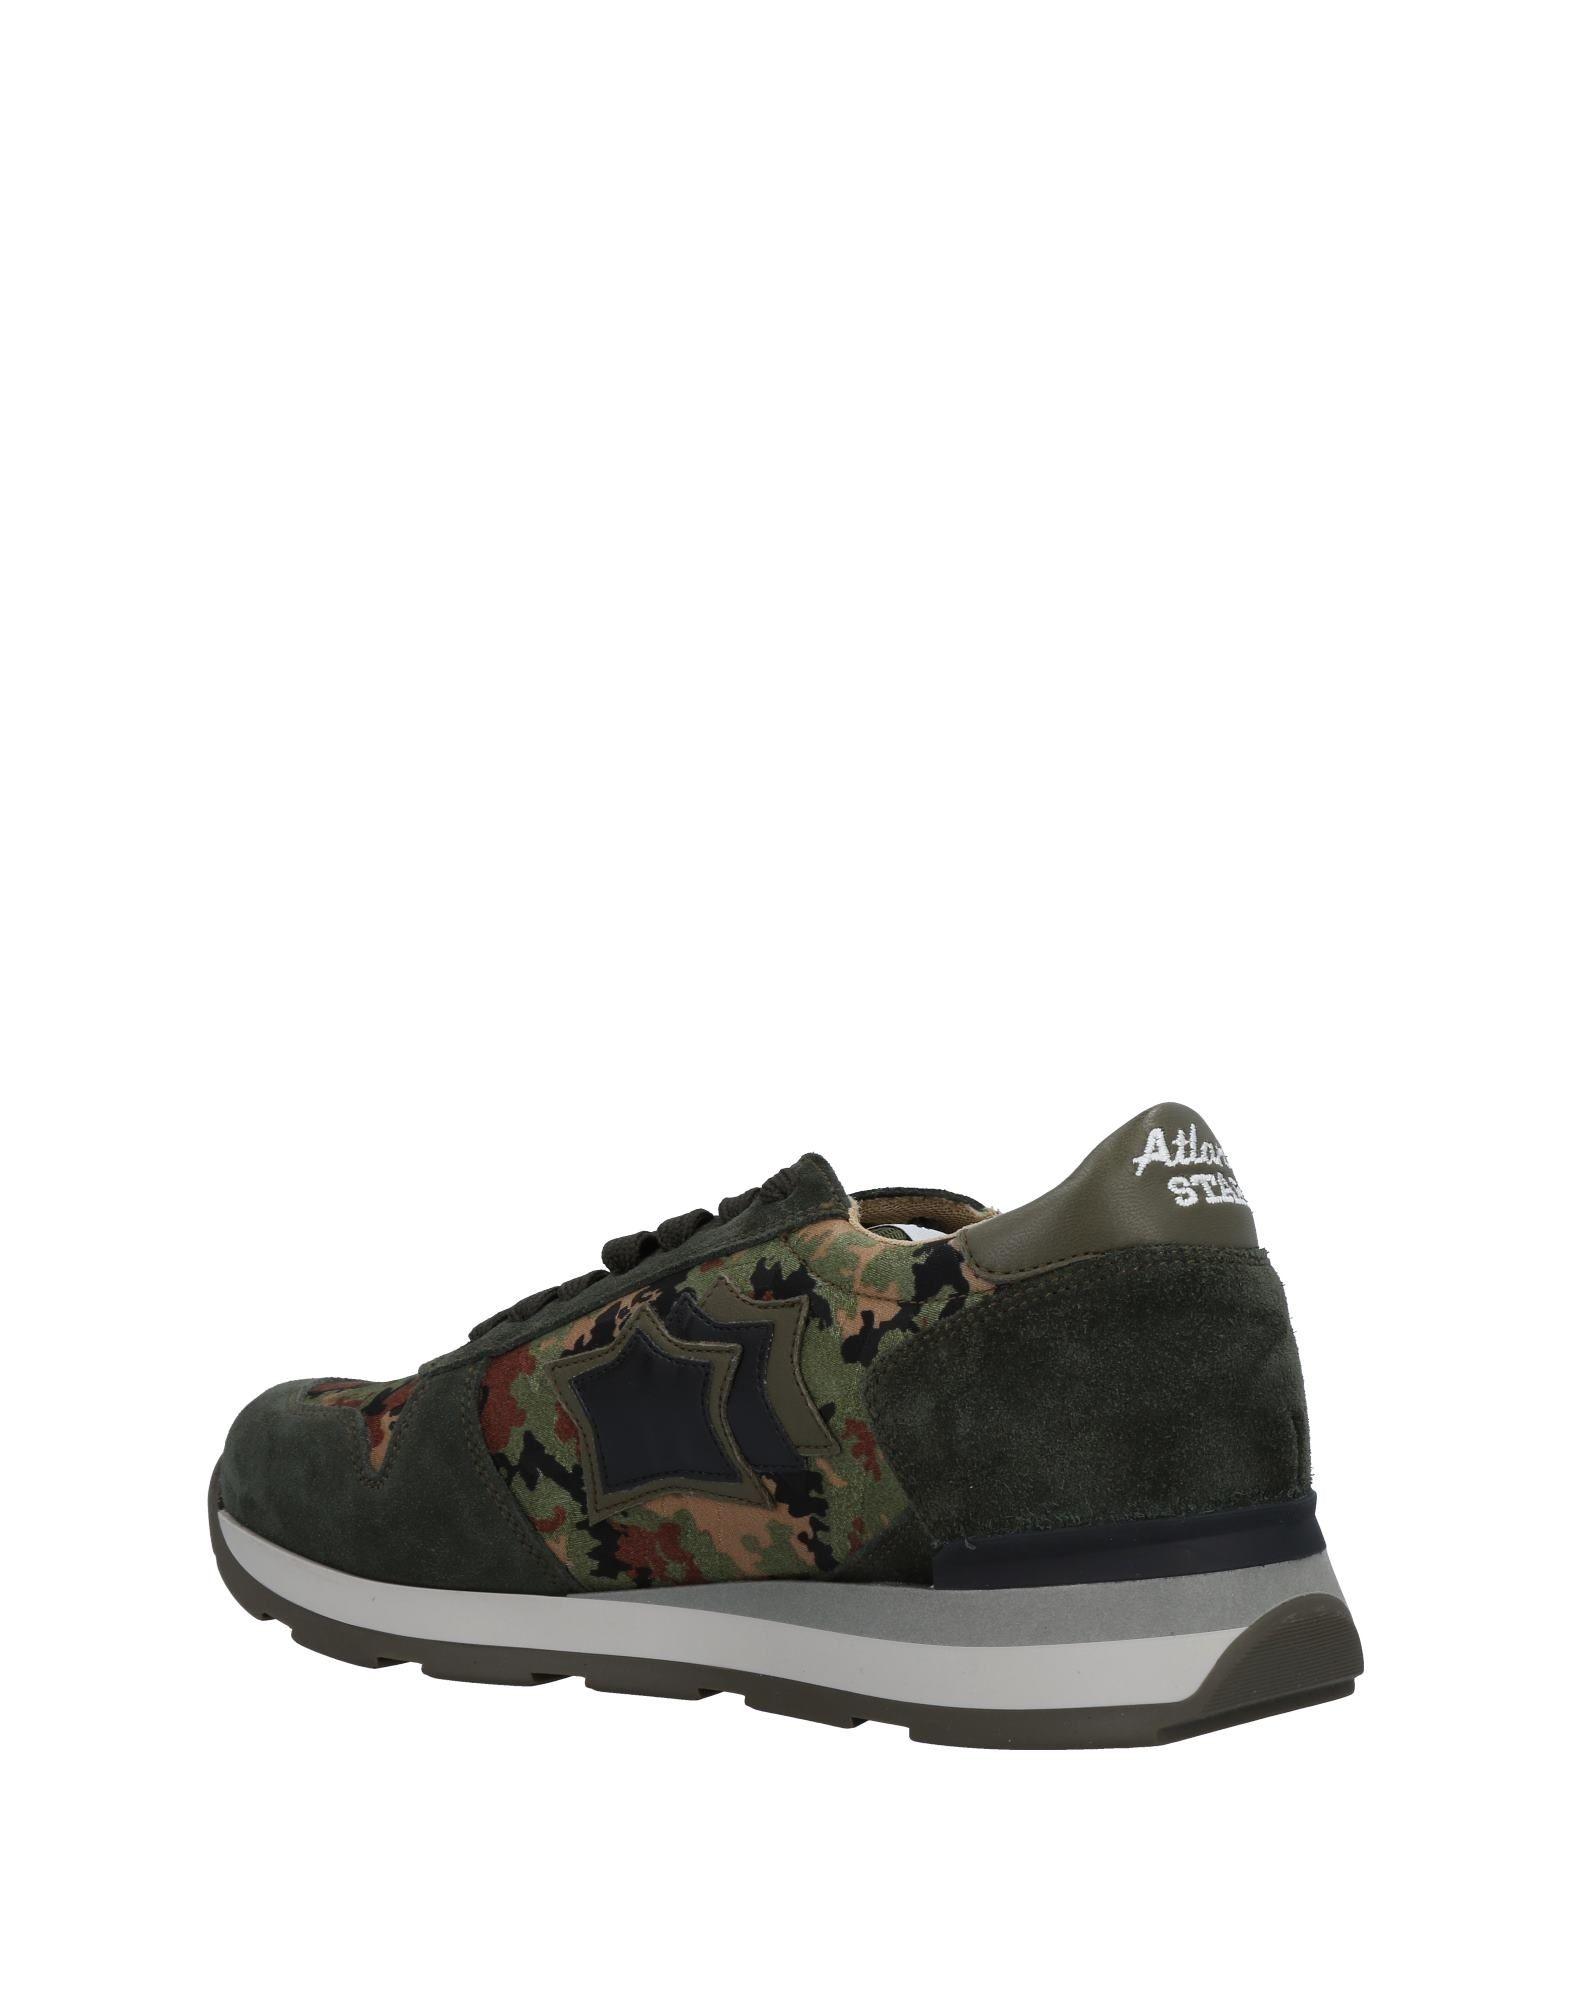 Klassischer Gutes Stil-17049,Btlantic Stars Sneakers Damen Gutes Klassischer Preis-Leistungs-Verhältnis, es lohnt sich d46daa